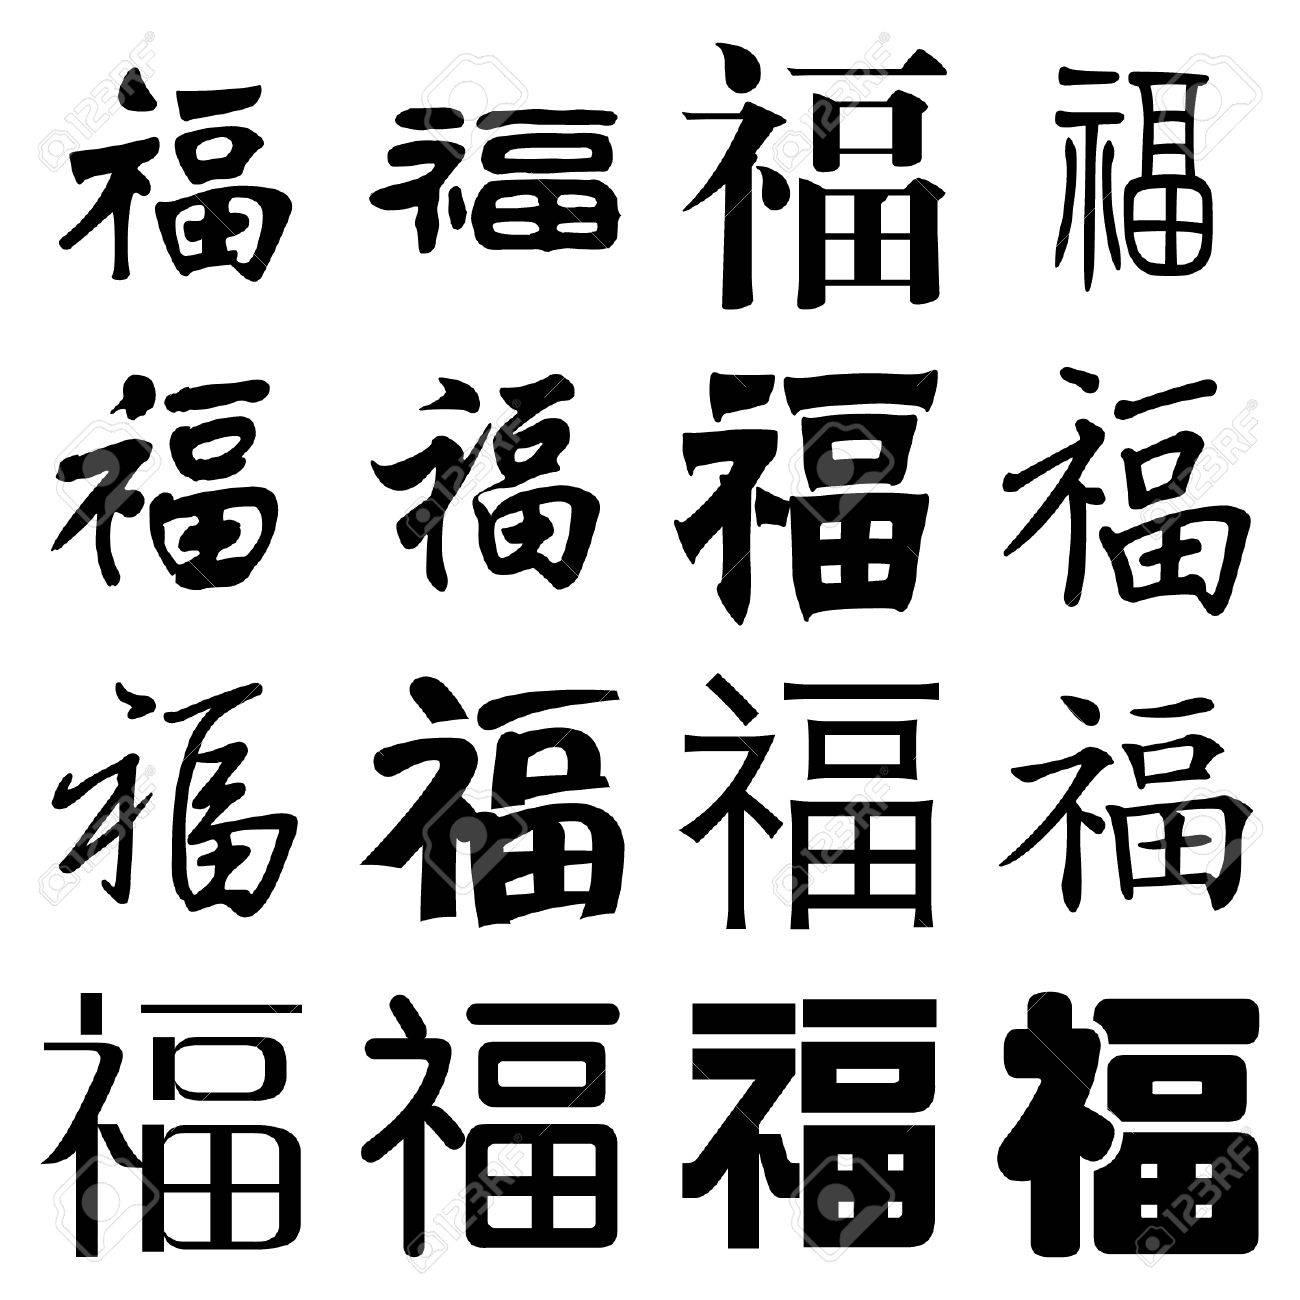 Símbolo Chino Para La Suerte 2 Ilustraciones Vectoriales Clip Art Vectorizado Libre De Derechos Image 3488577